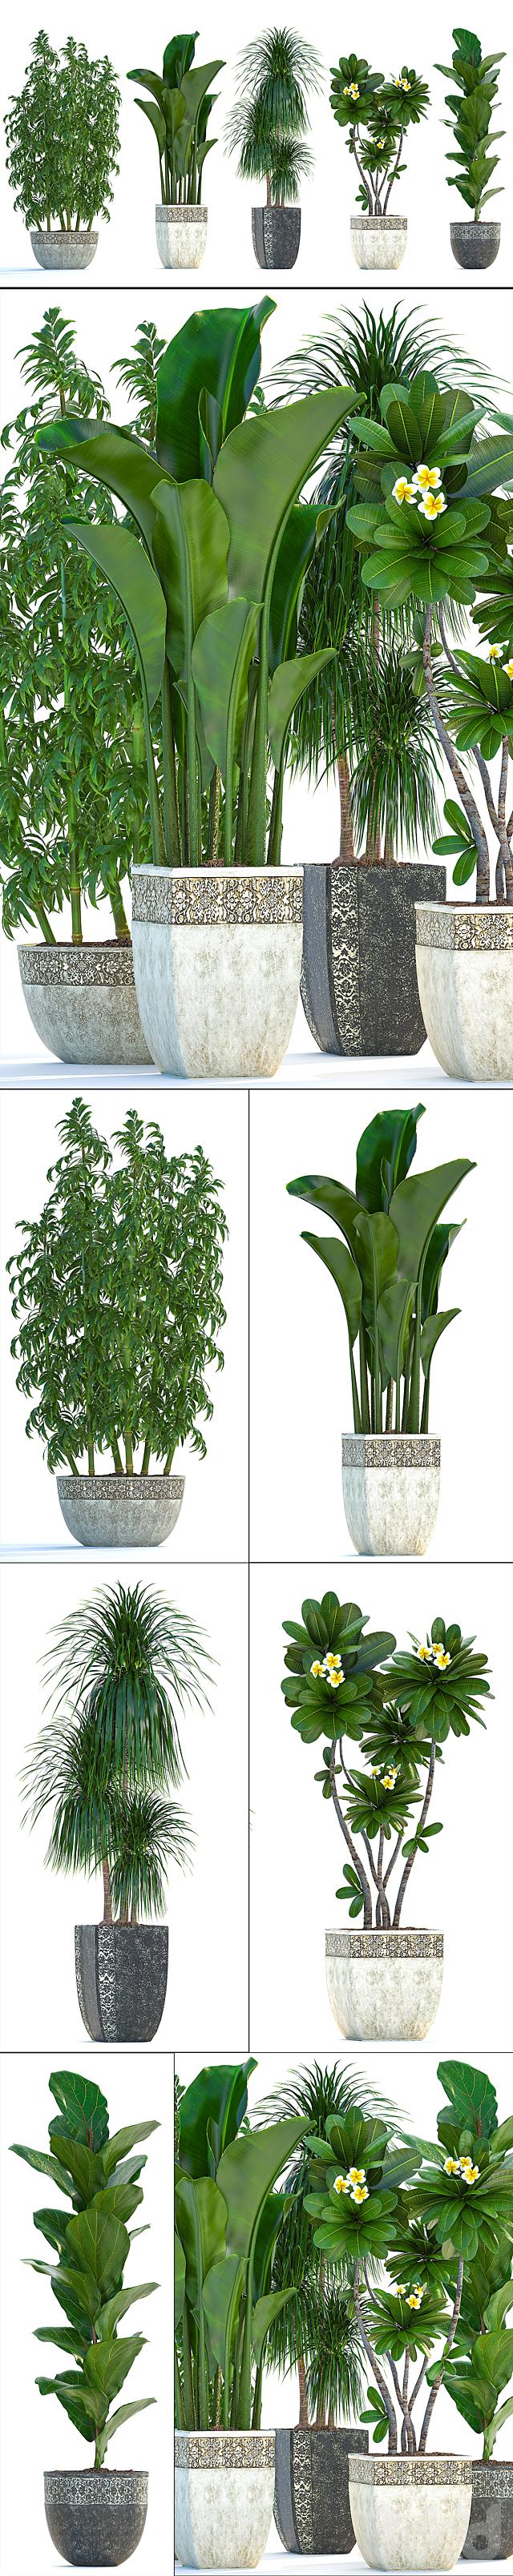 Коллекция растений 251.